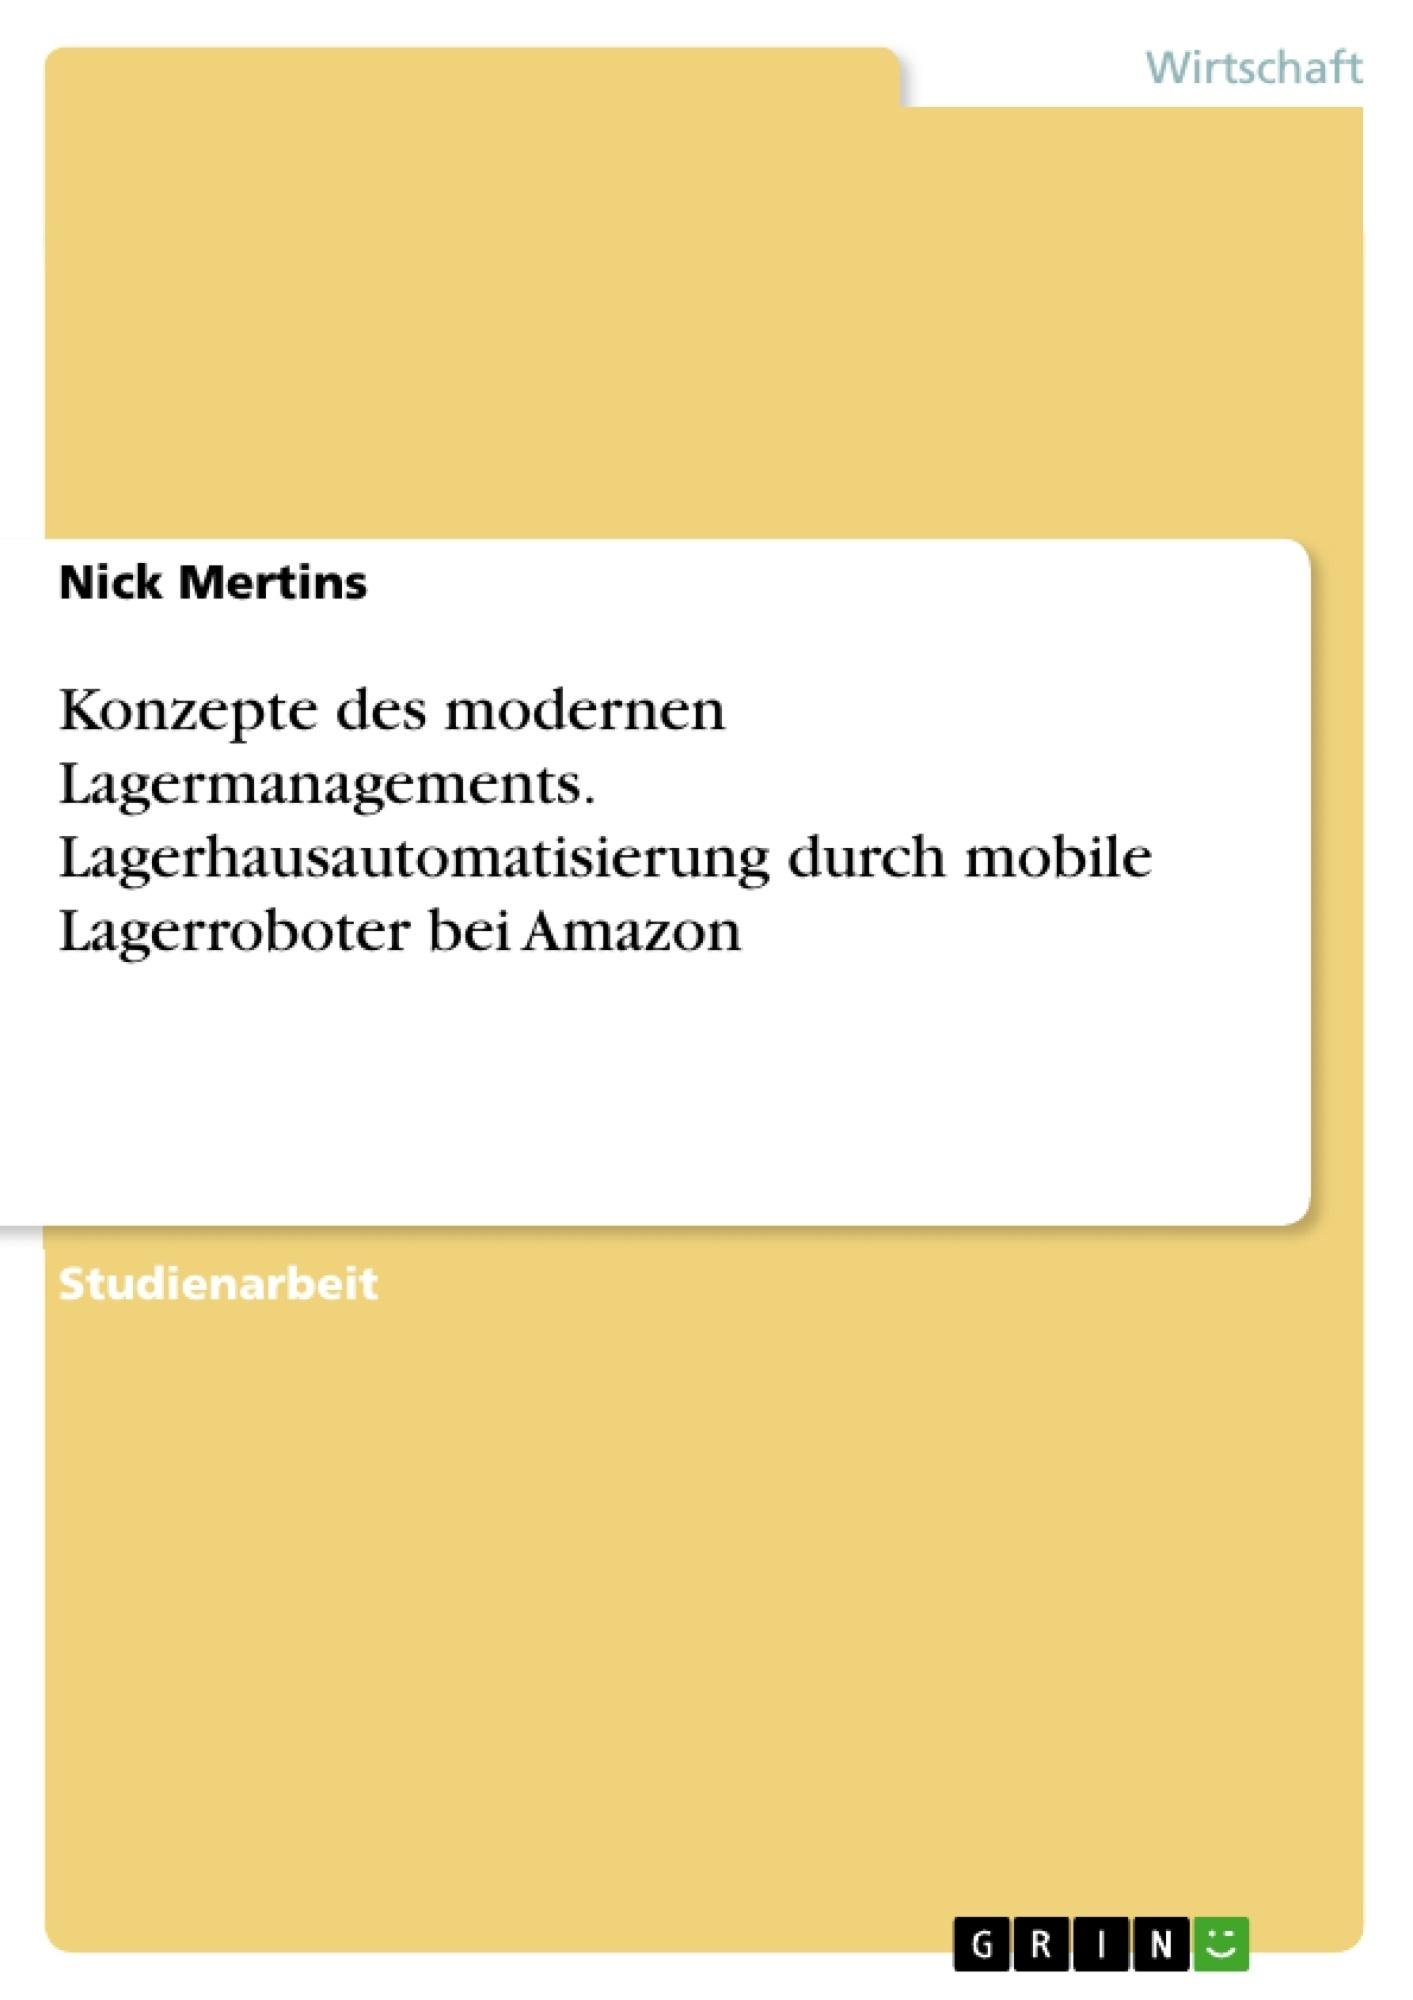 Titel: Konzepte des modernen Lagermanagements. Lagerhausautomatisierung durch mobile Lagerroboter bei Amazon